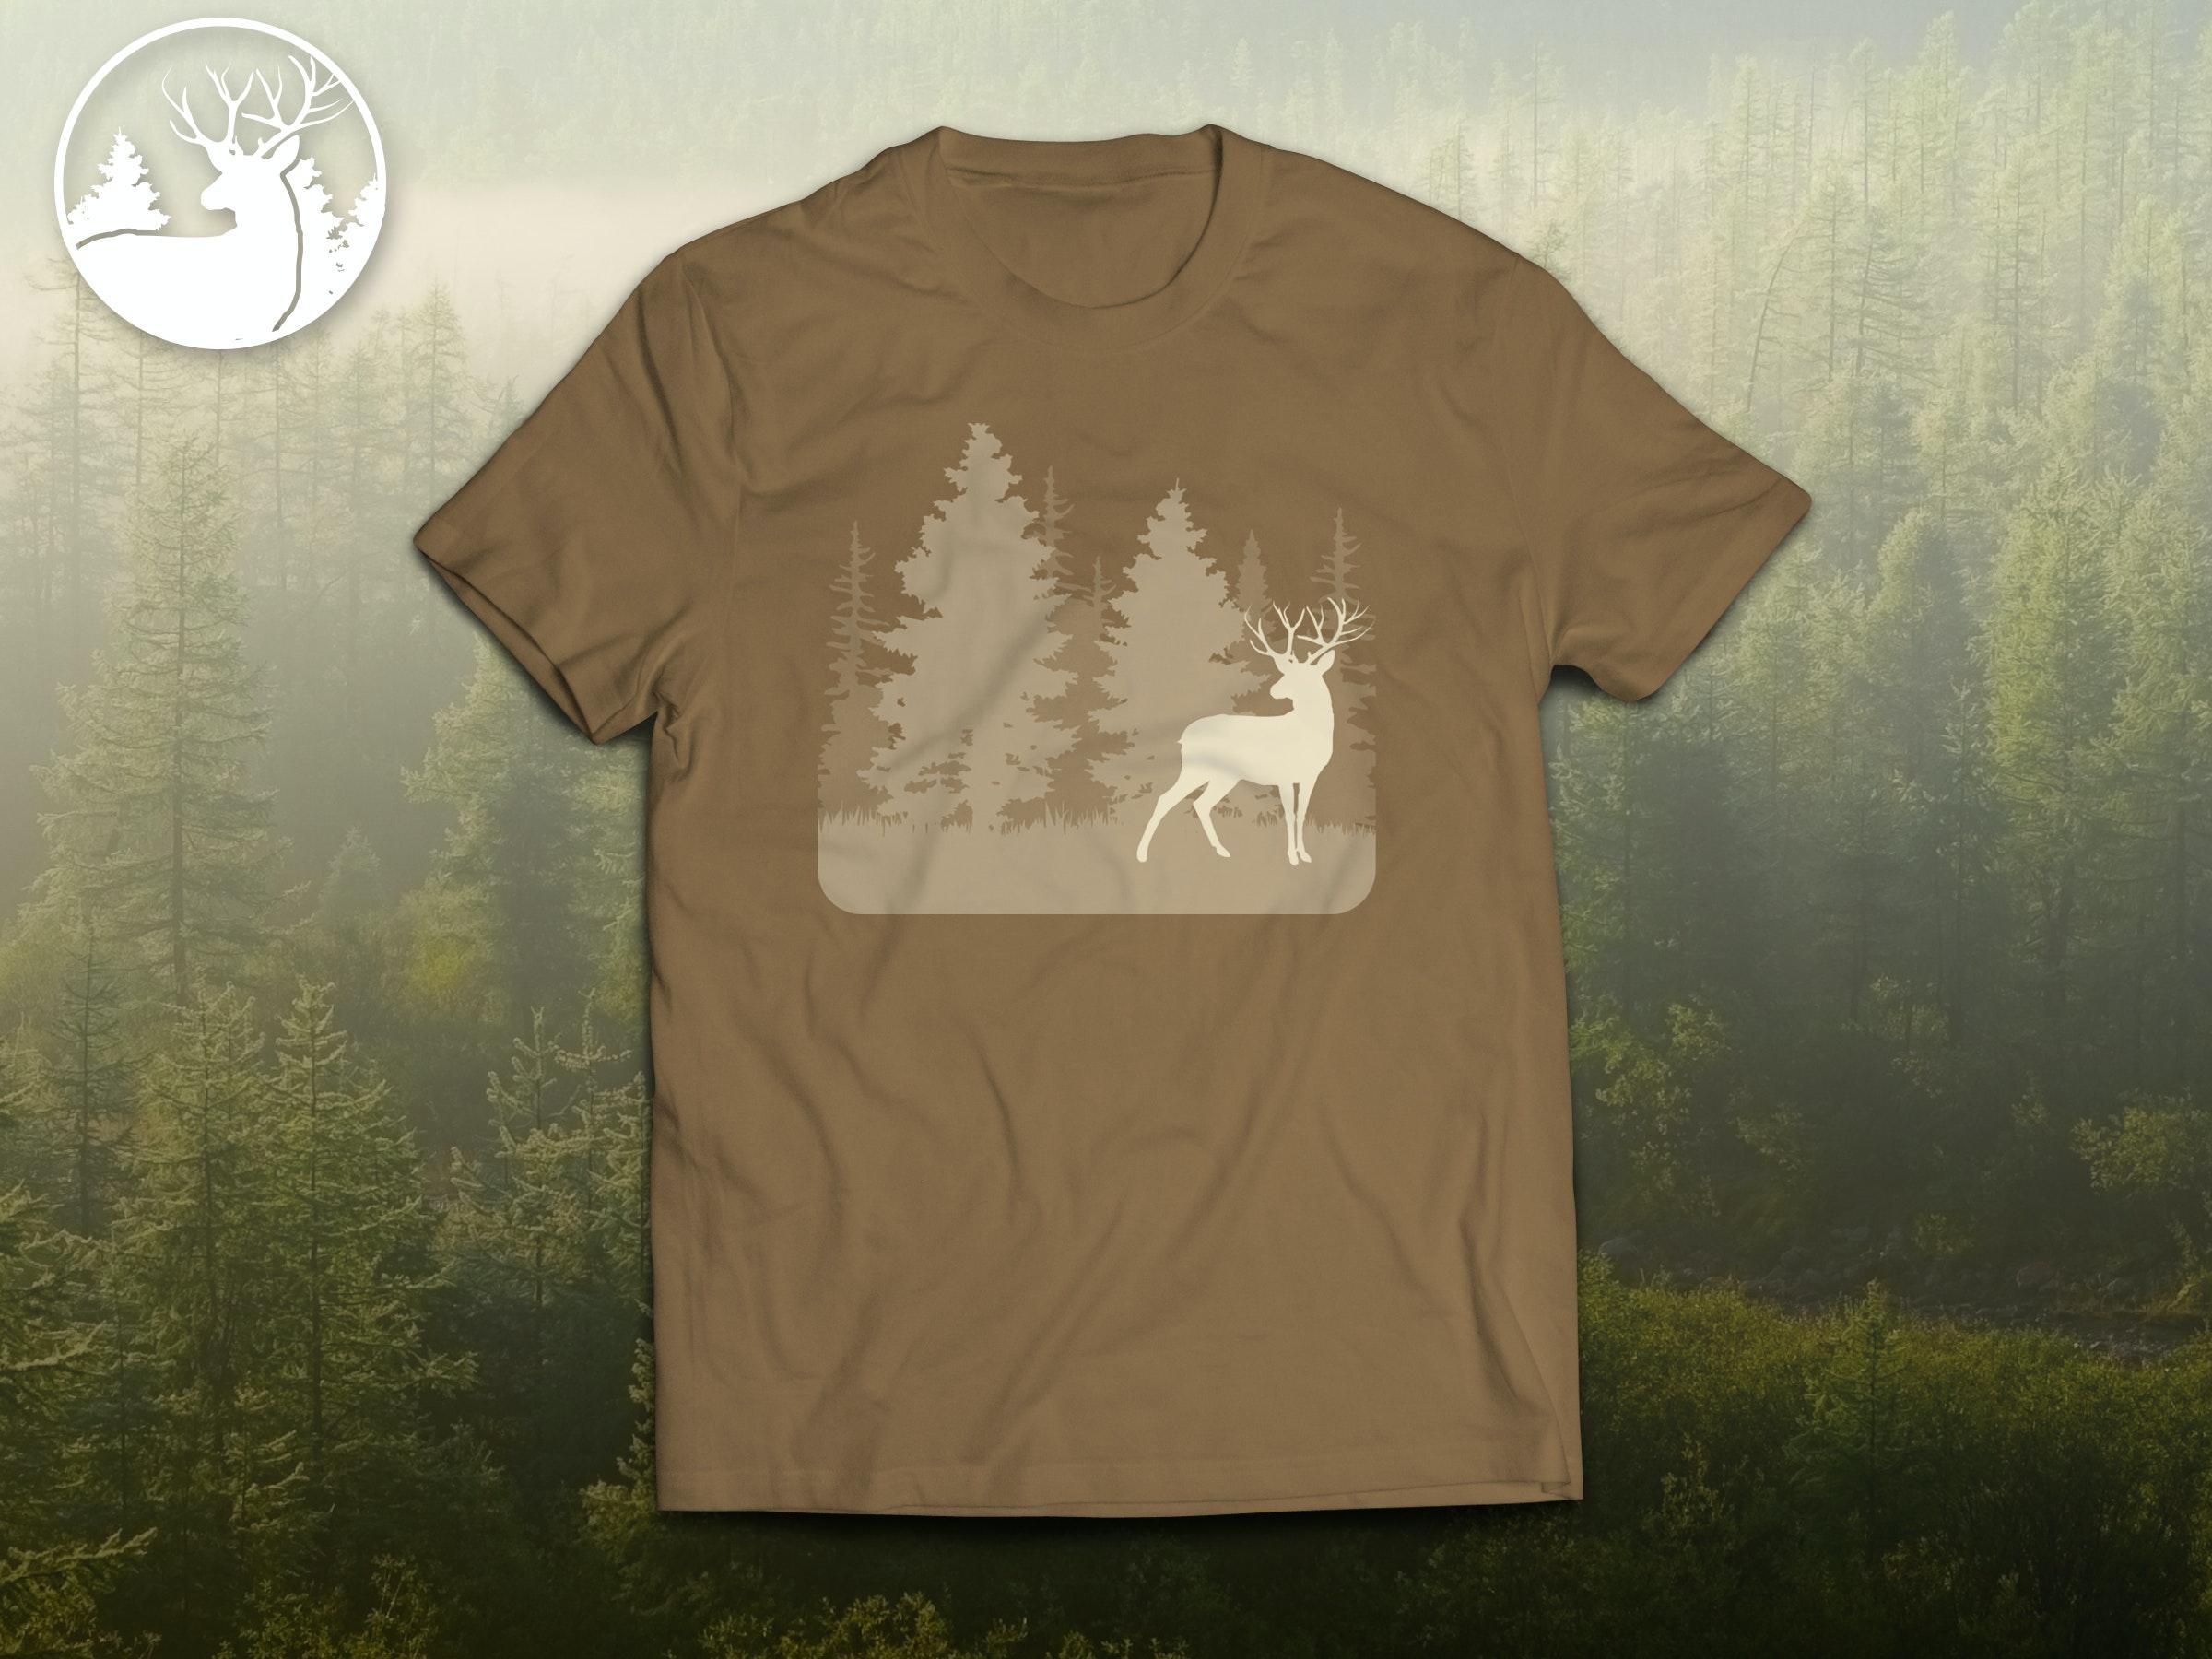 1543155761766564 t shirt mockup front